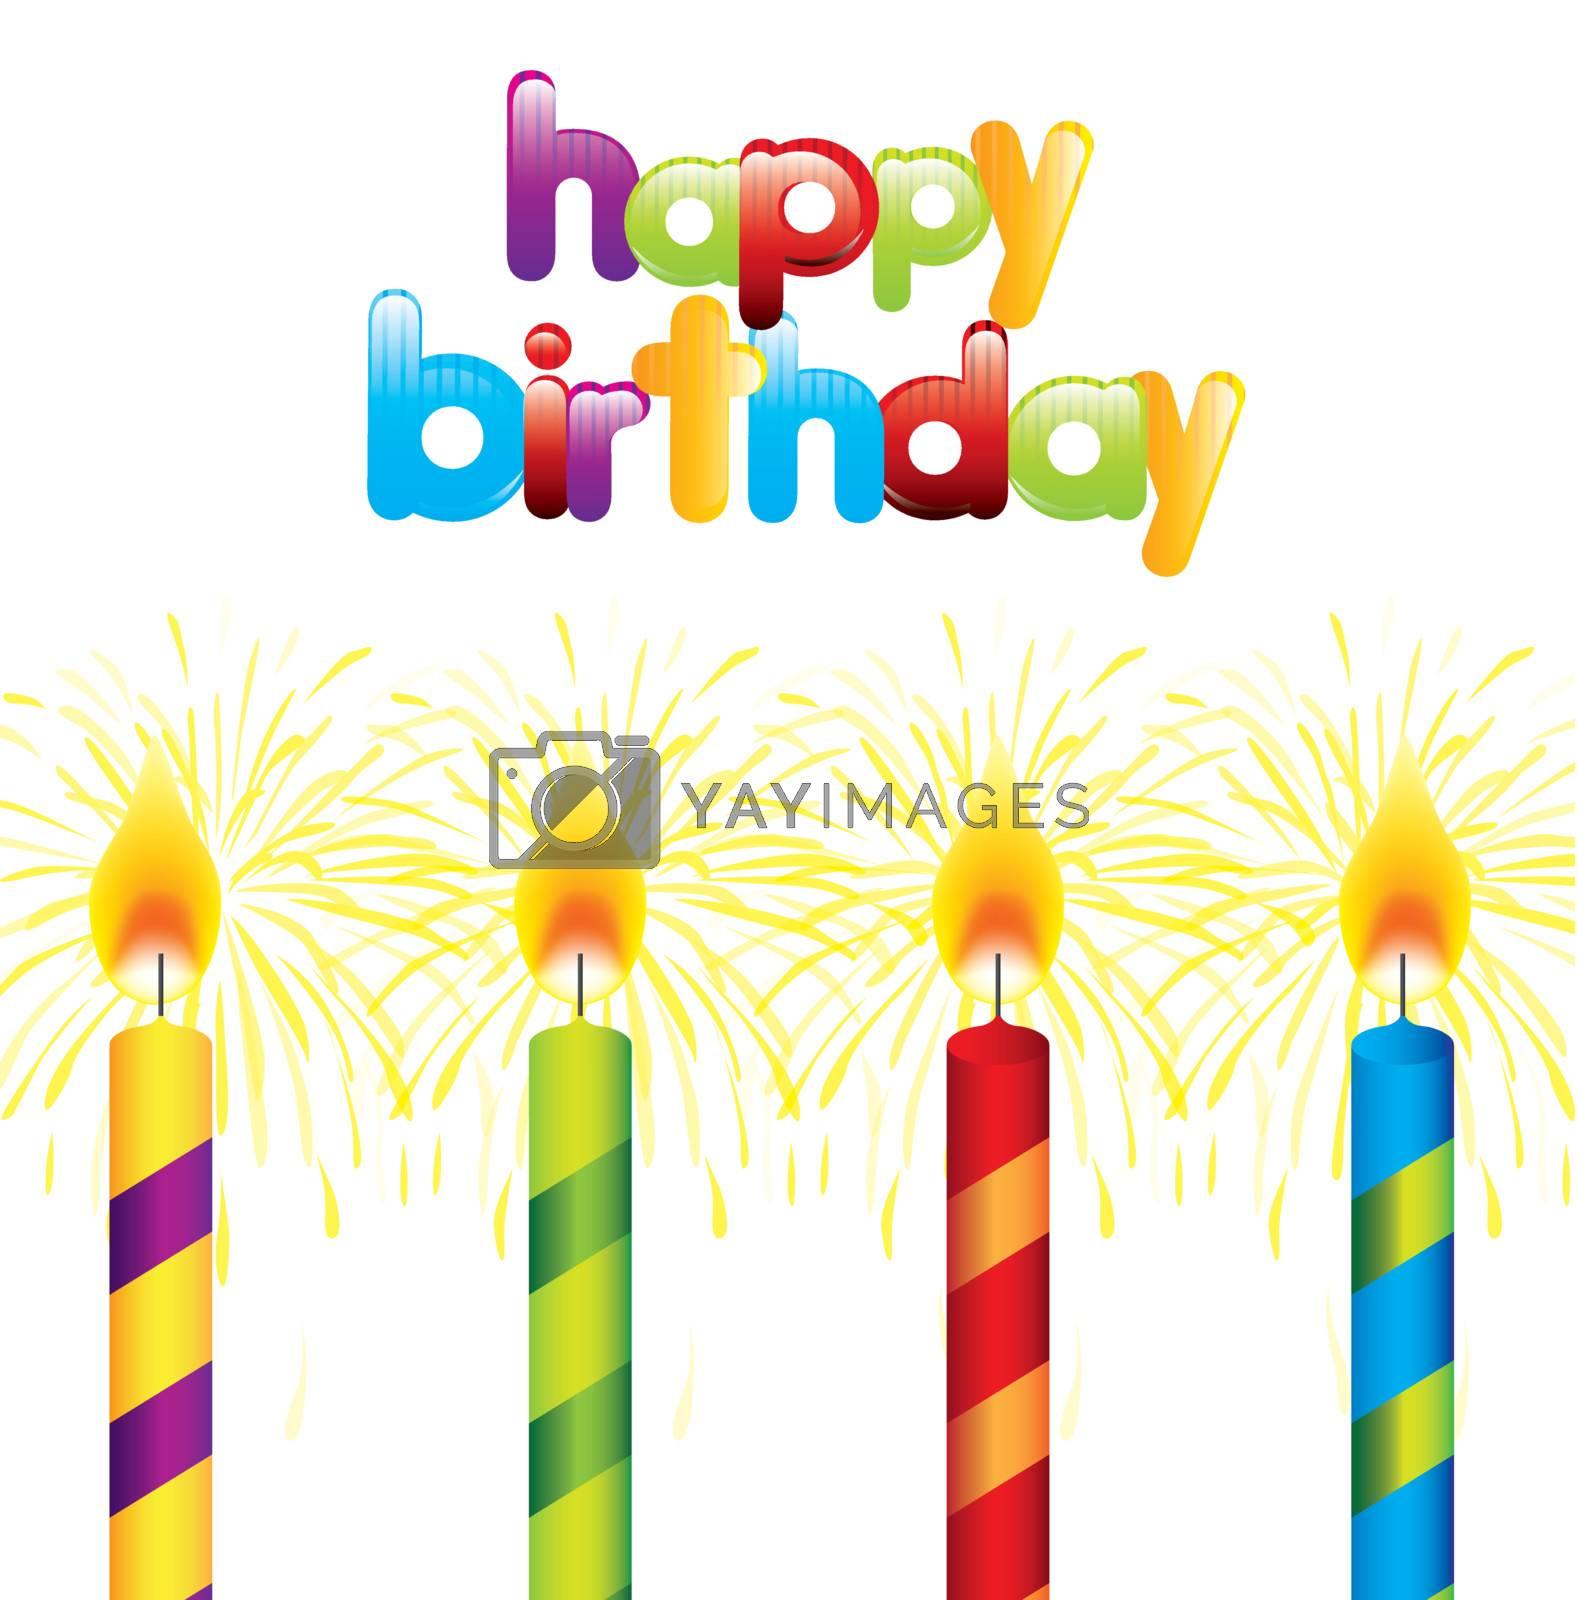 Happy Birthday by yupiramos